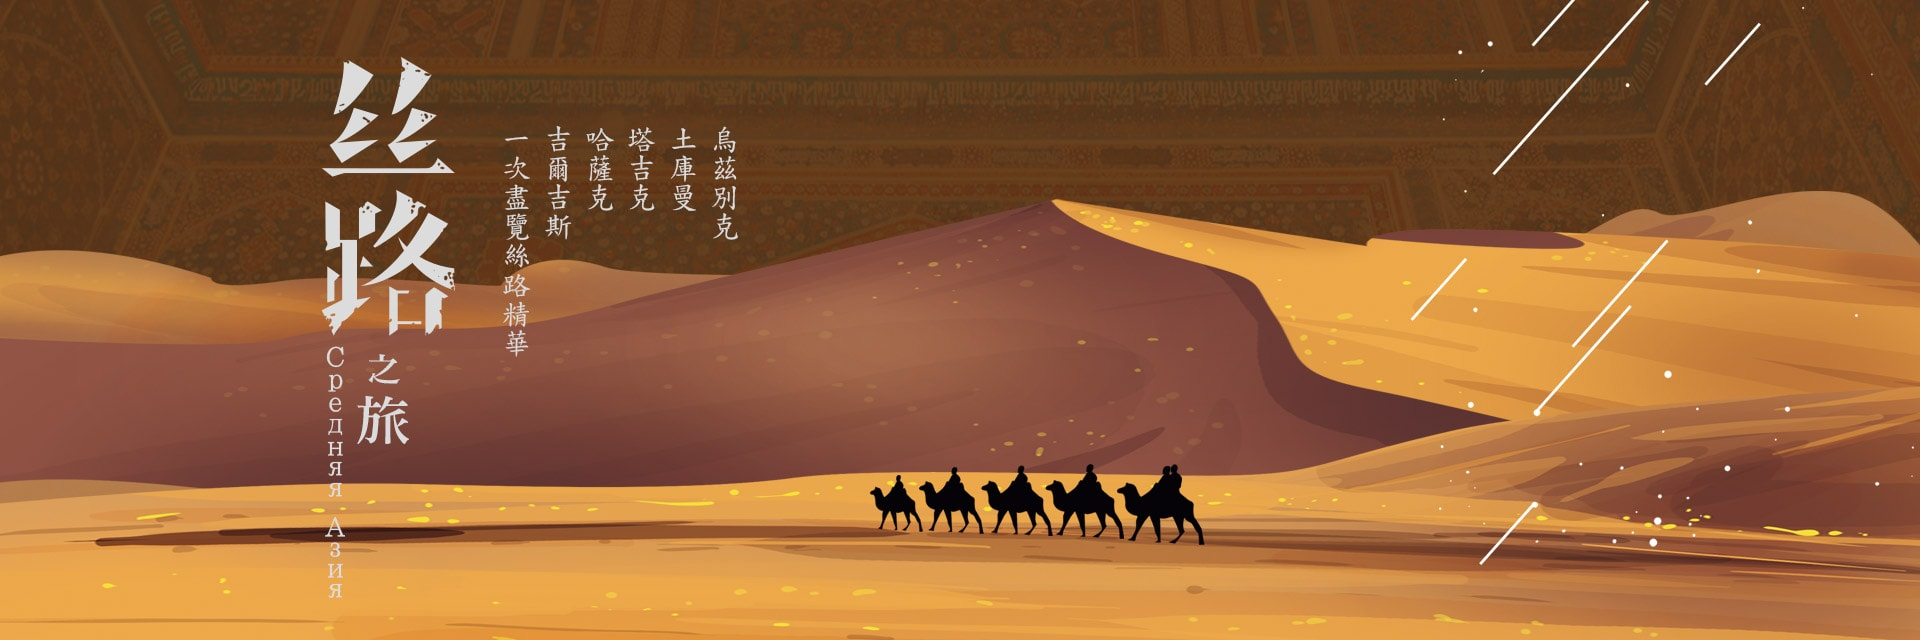 上順、中亞絲路、主題旅遊